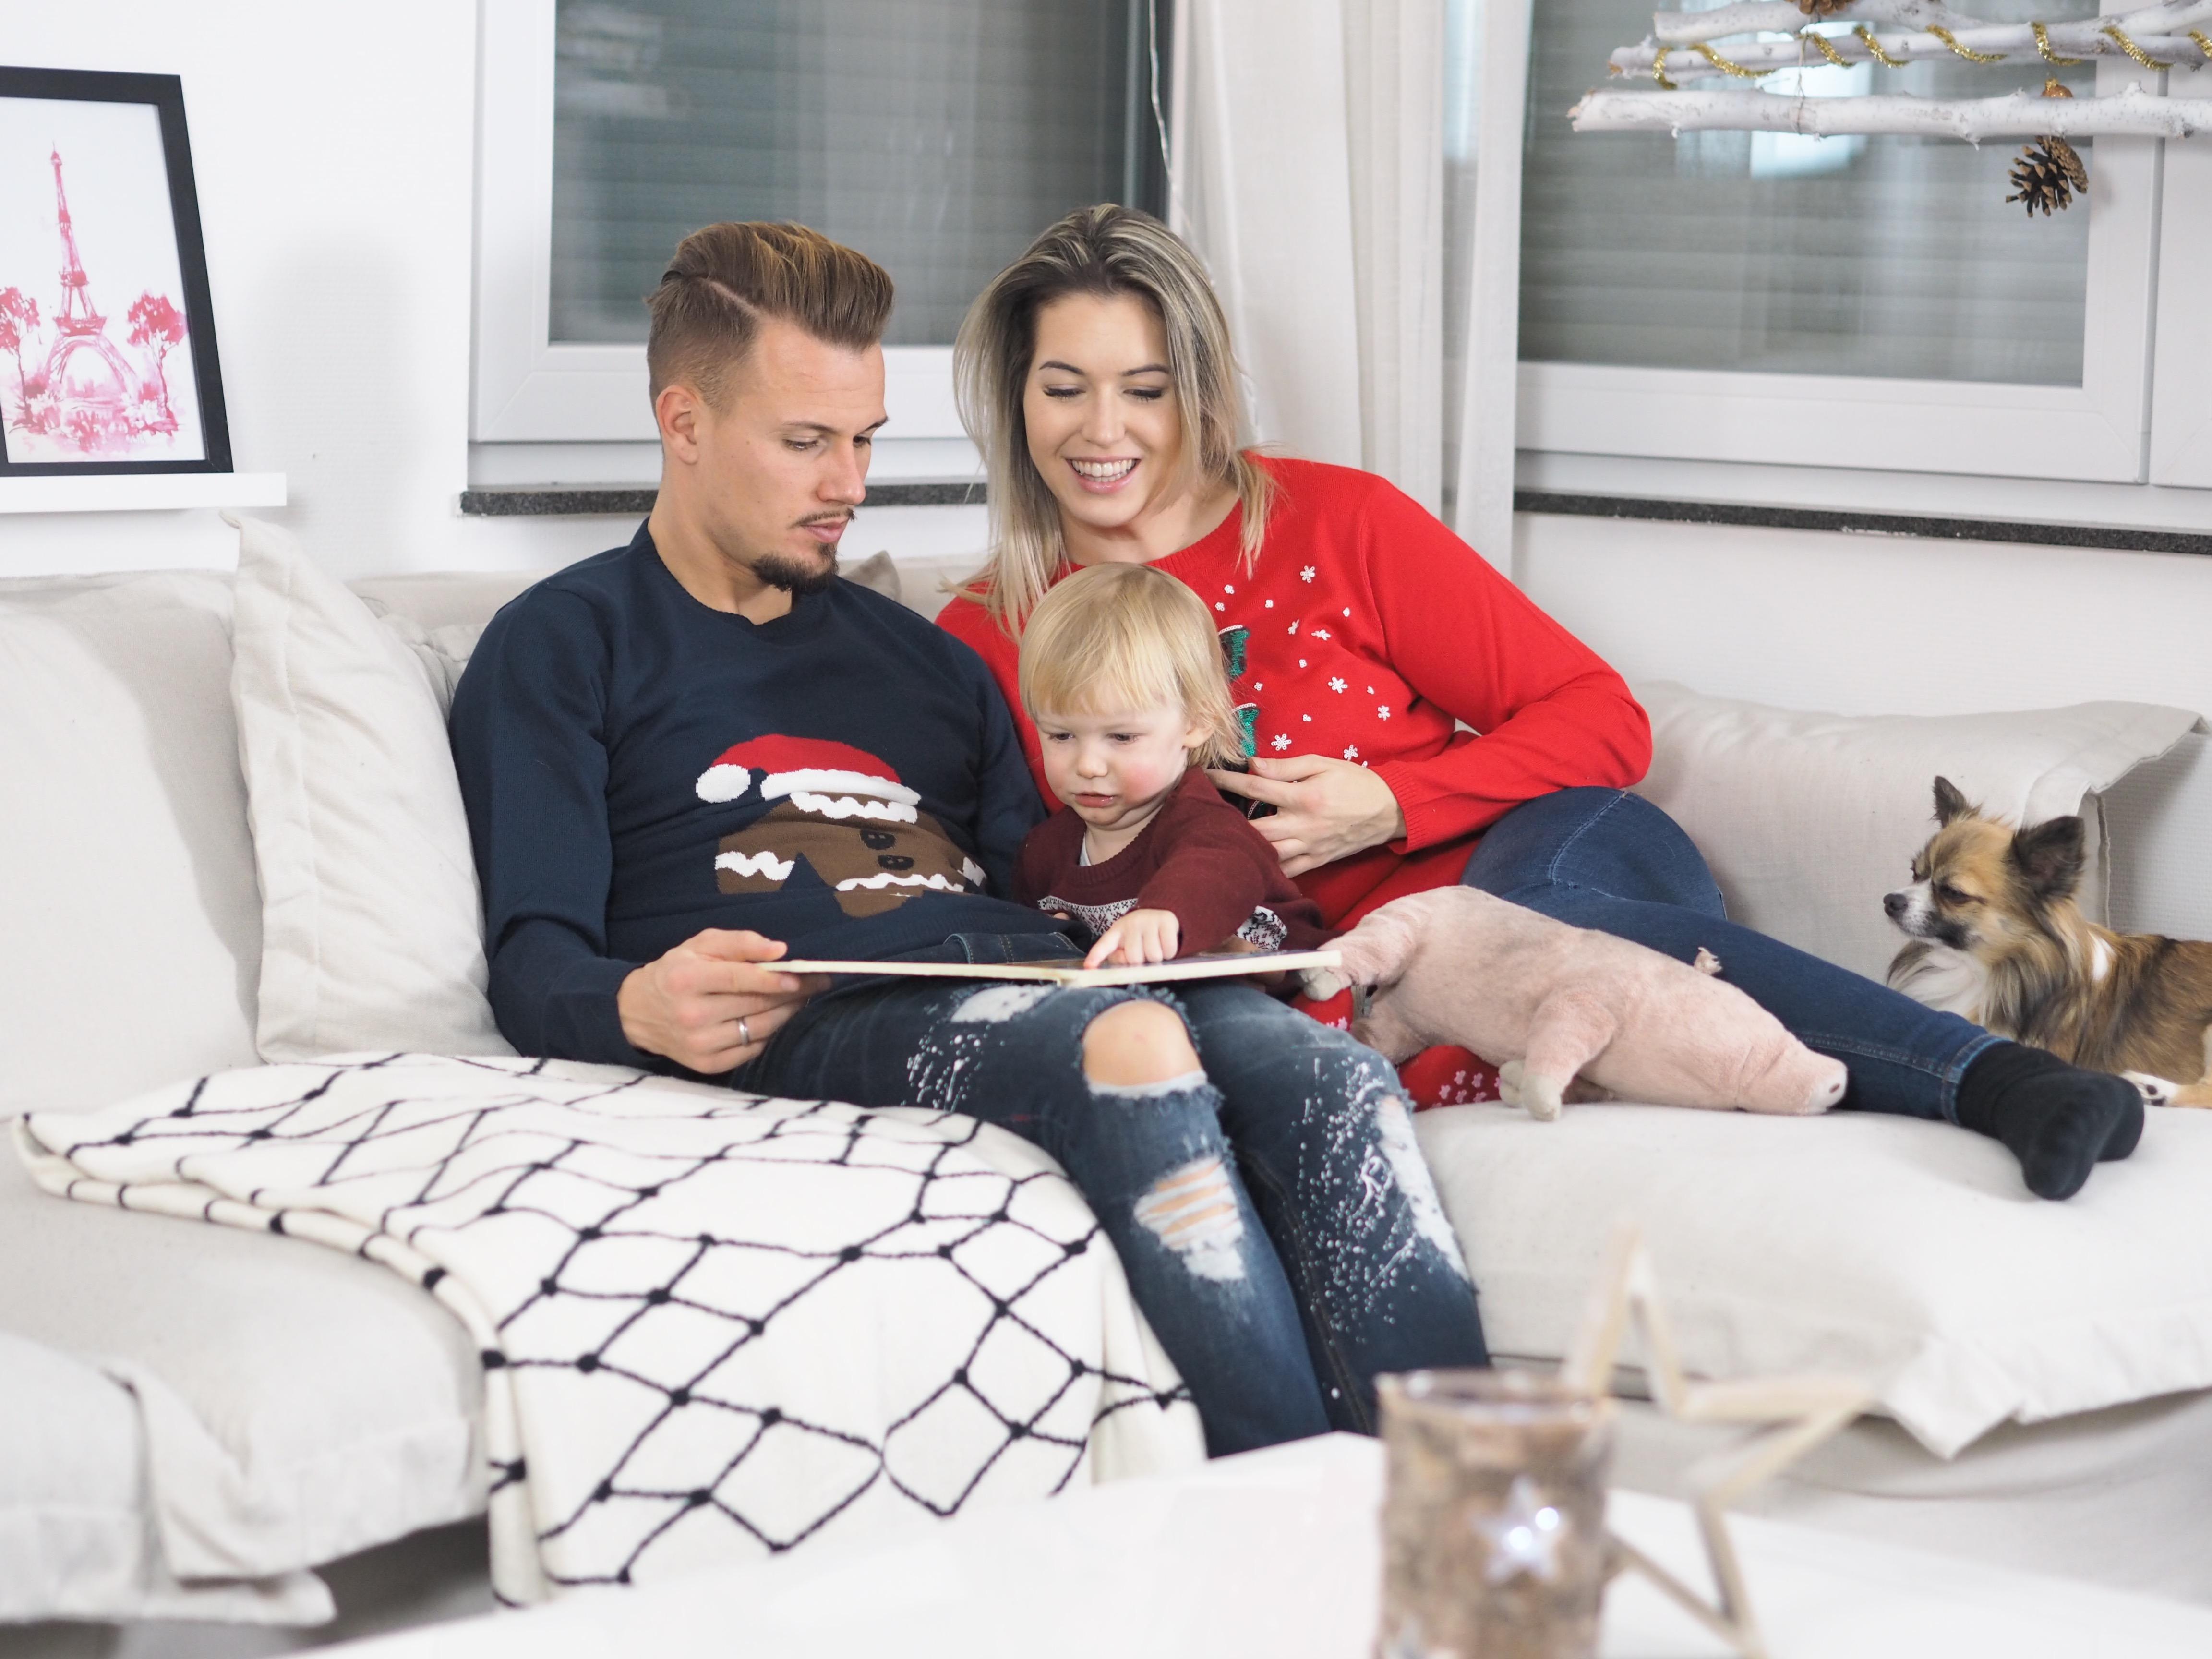 Weihnachten mit der Familie: unser Heilig Abend, Traditionen, Dresscode auf Maison Pazi #SantaClara #Weihnachtenistfüralle